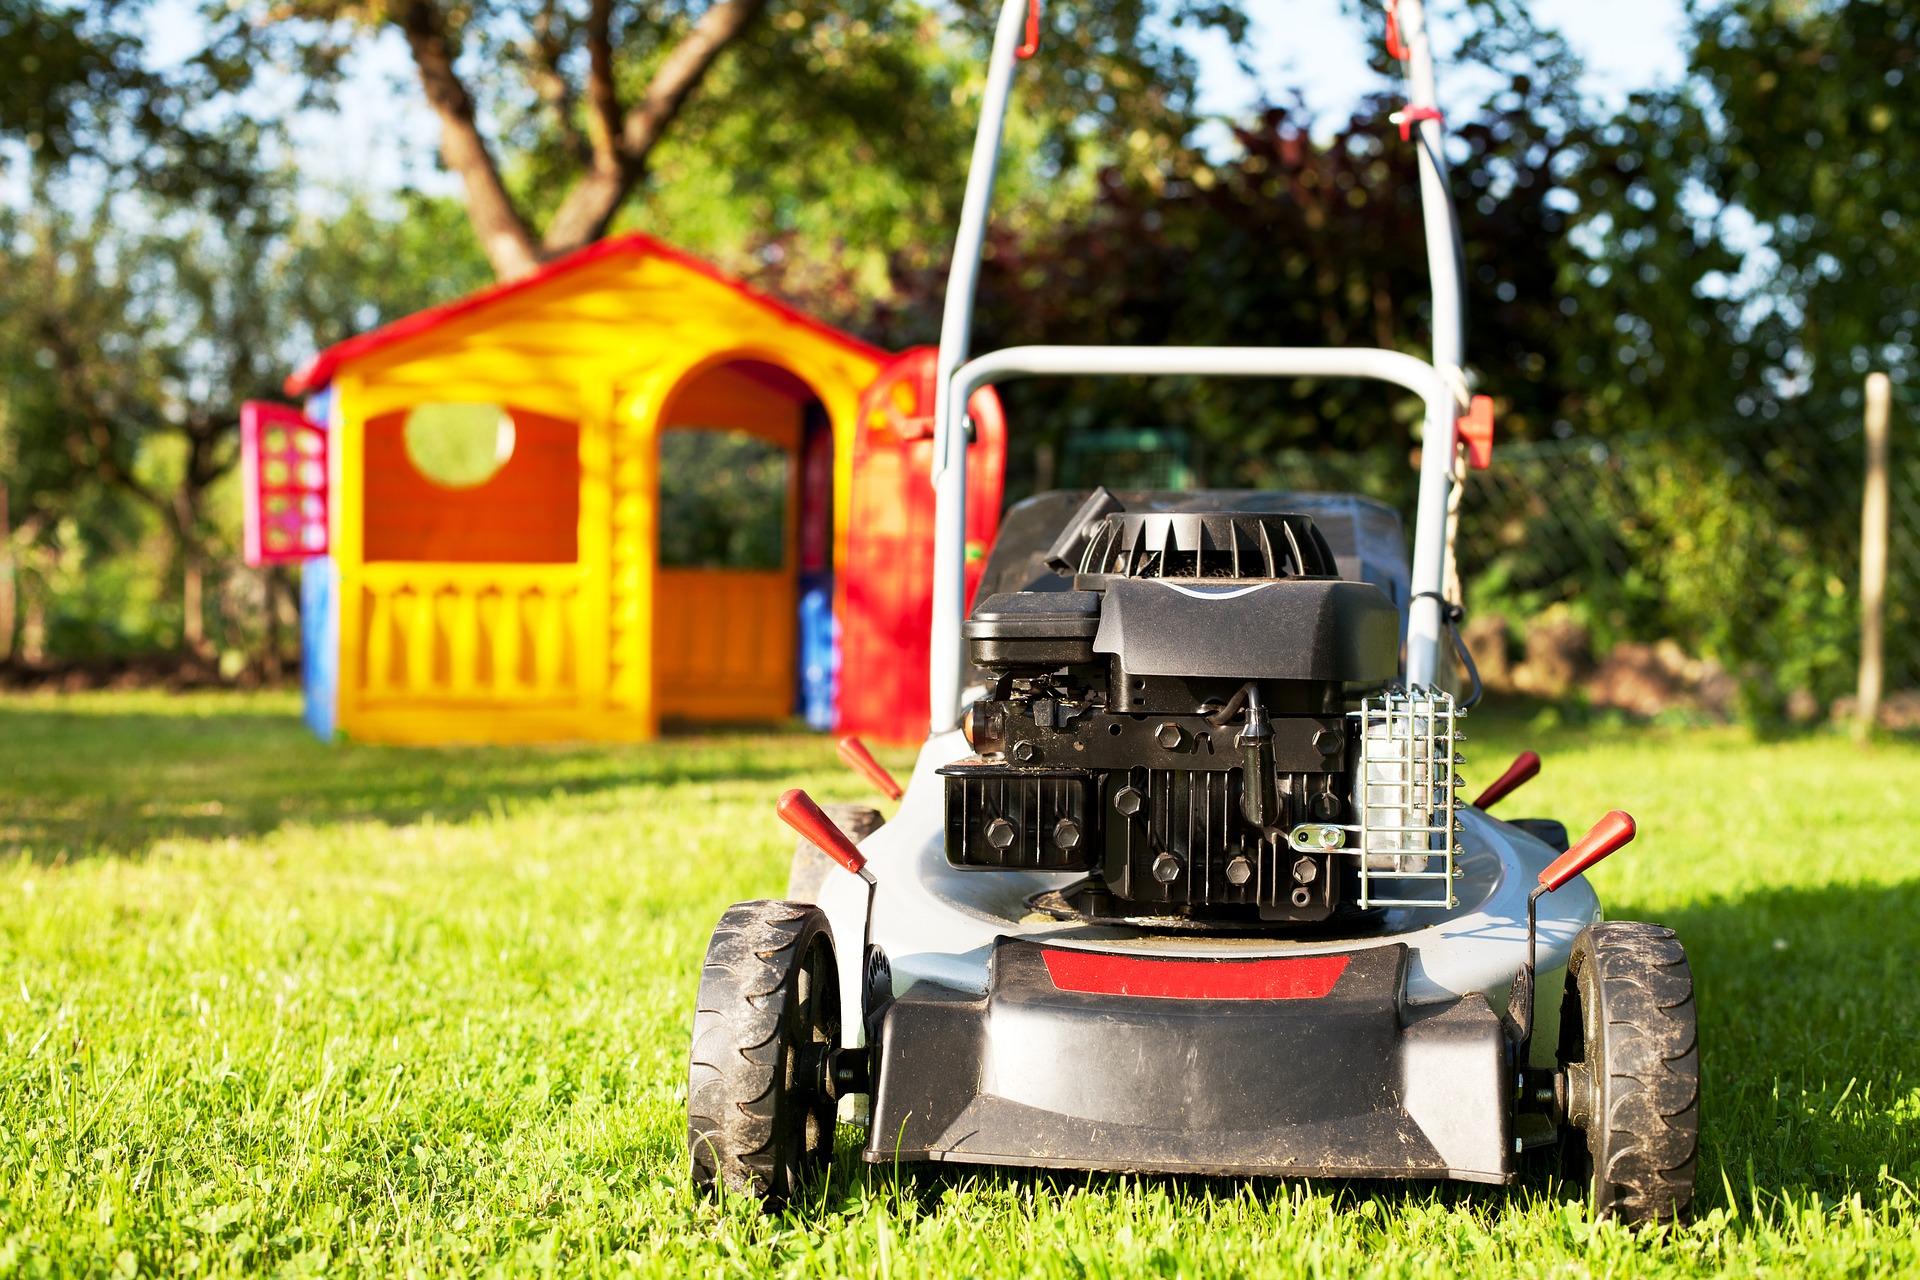 lawn, lawncare, lawn mower, grass, kids